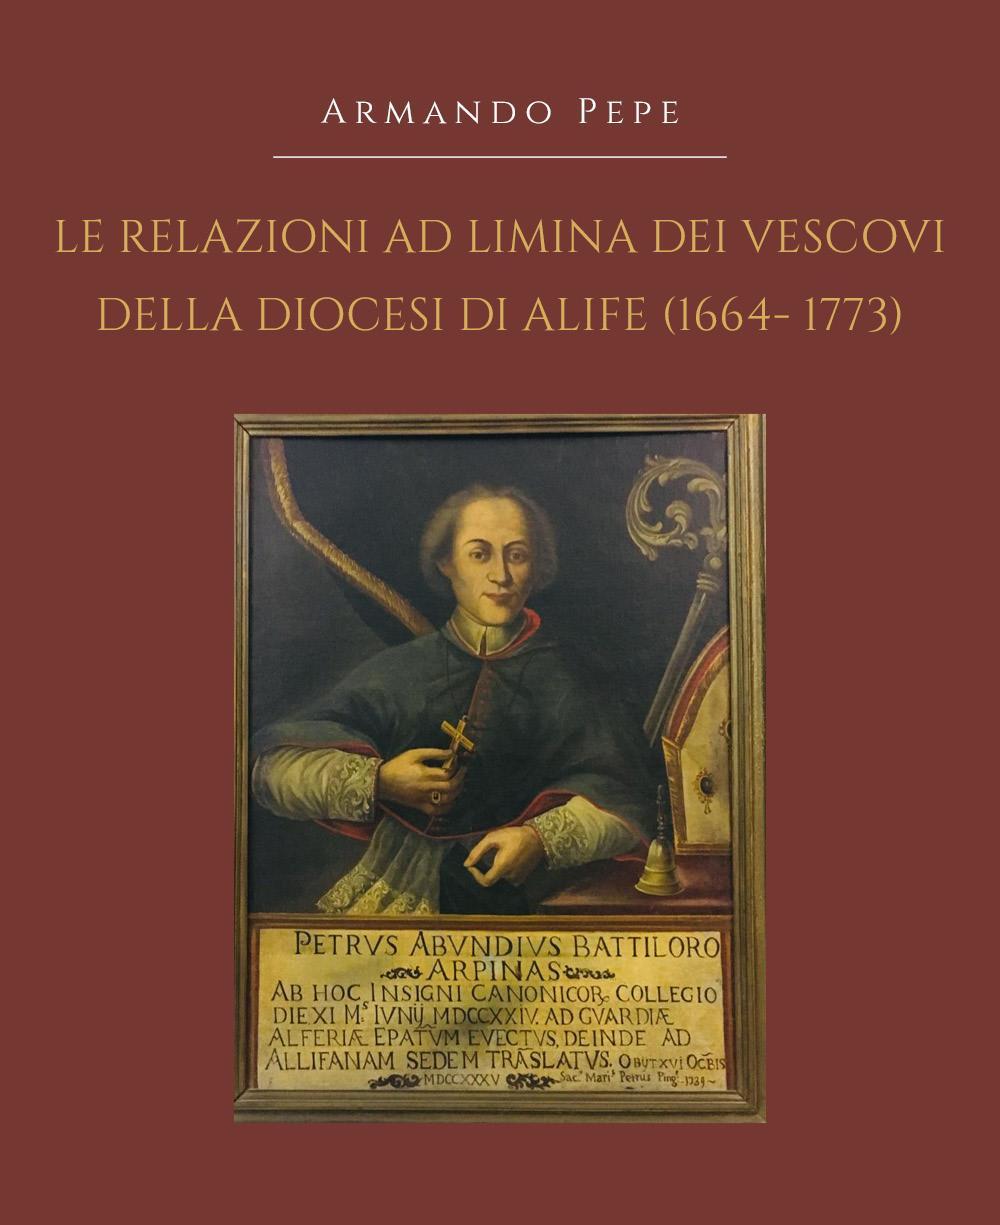 Le relazioni ad limina dei vescovi della diocesi di Alife (1664- 1773)